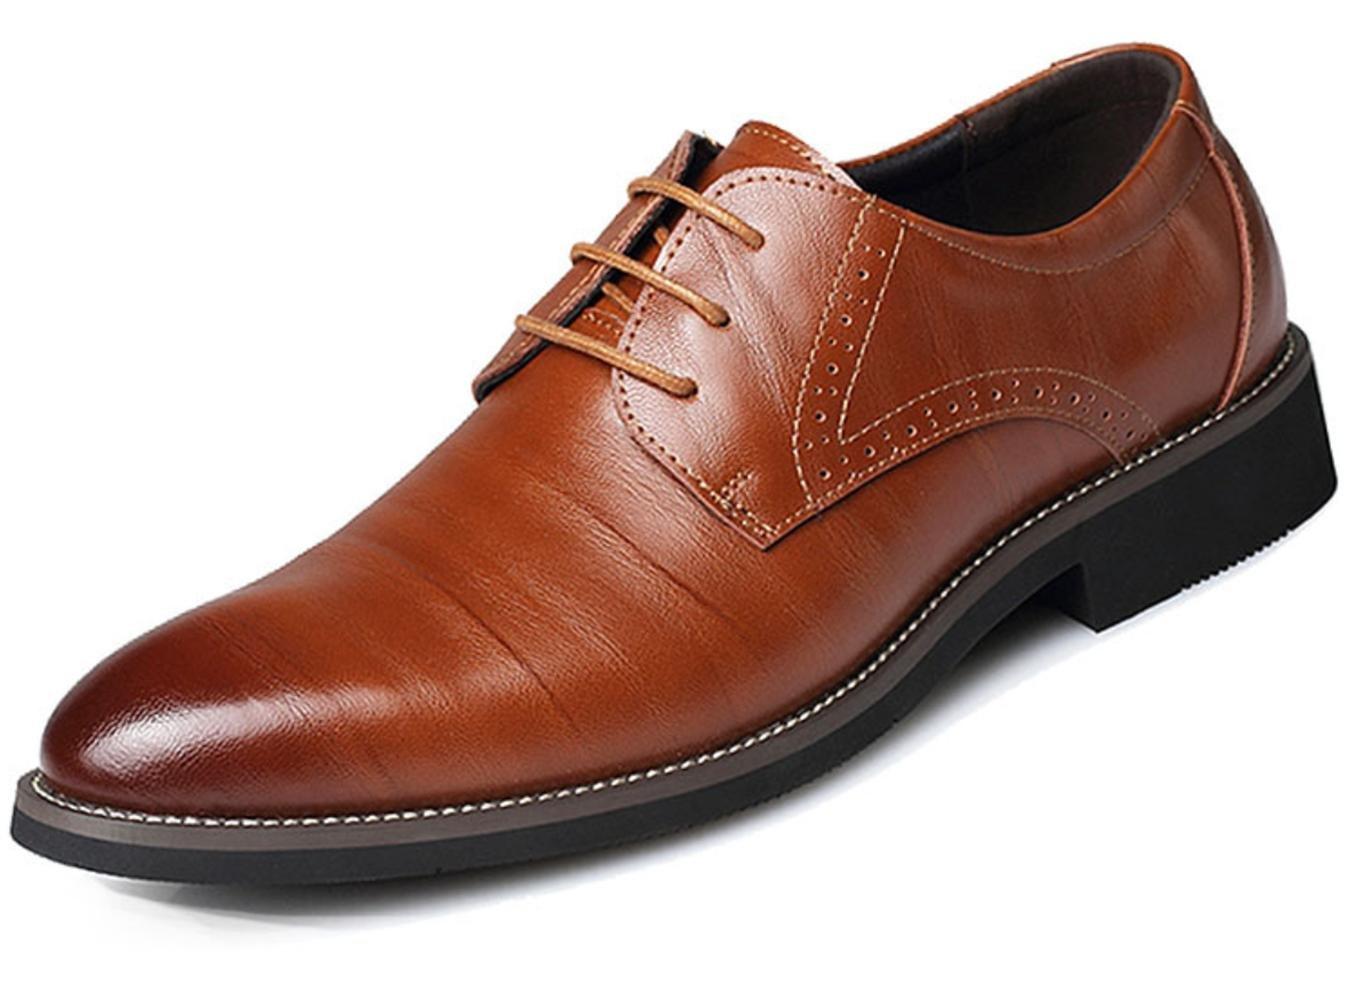 XDGG Männer echtes Leder spitzte Zehe Business Casual Schuhe Große Größe Arbeit Hochzeit Schuhe , Gelb , 45